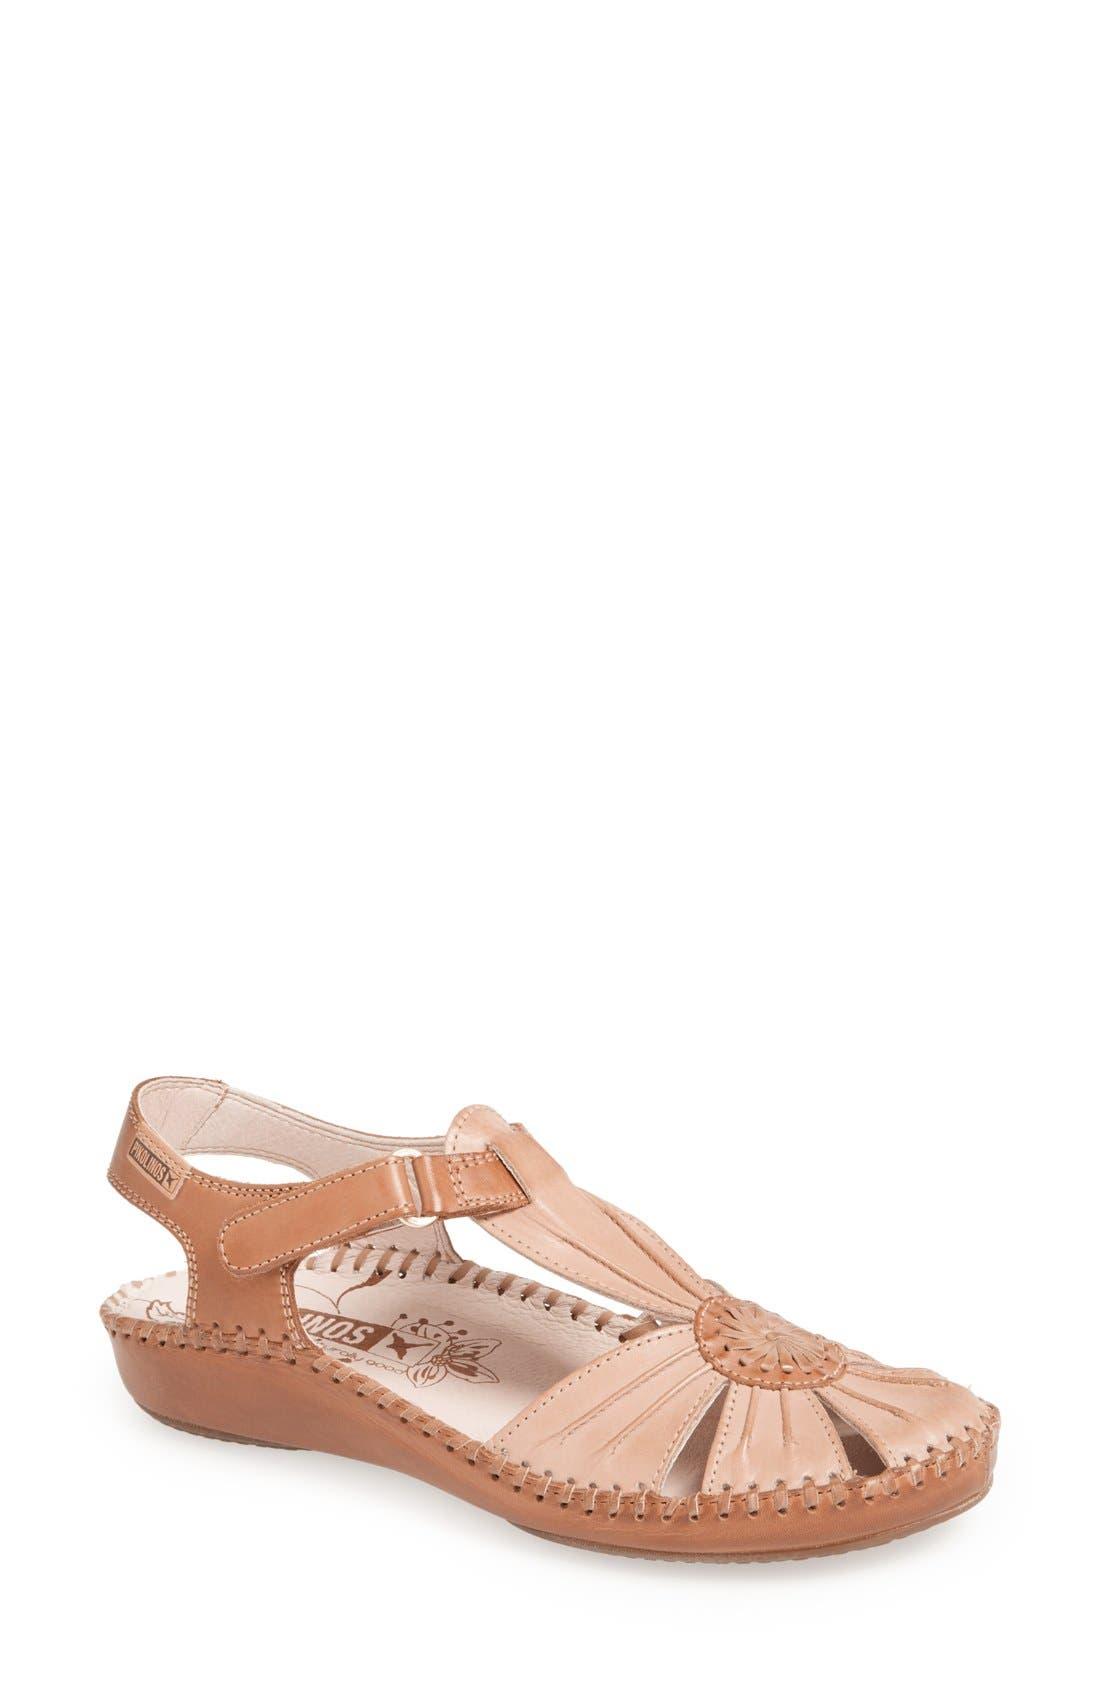 Main Image - PIKOLINOS 'Vallarta' Sandal